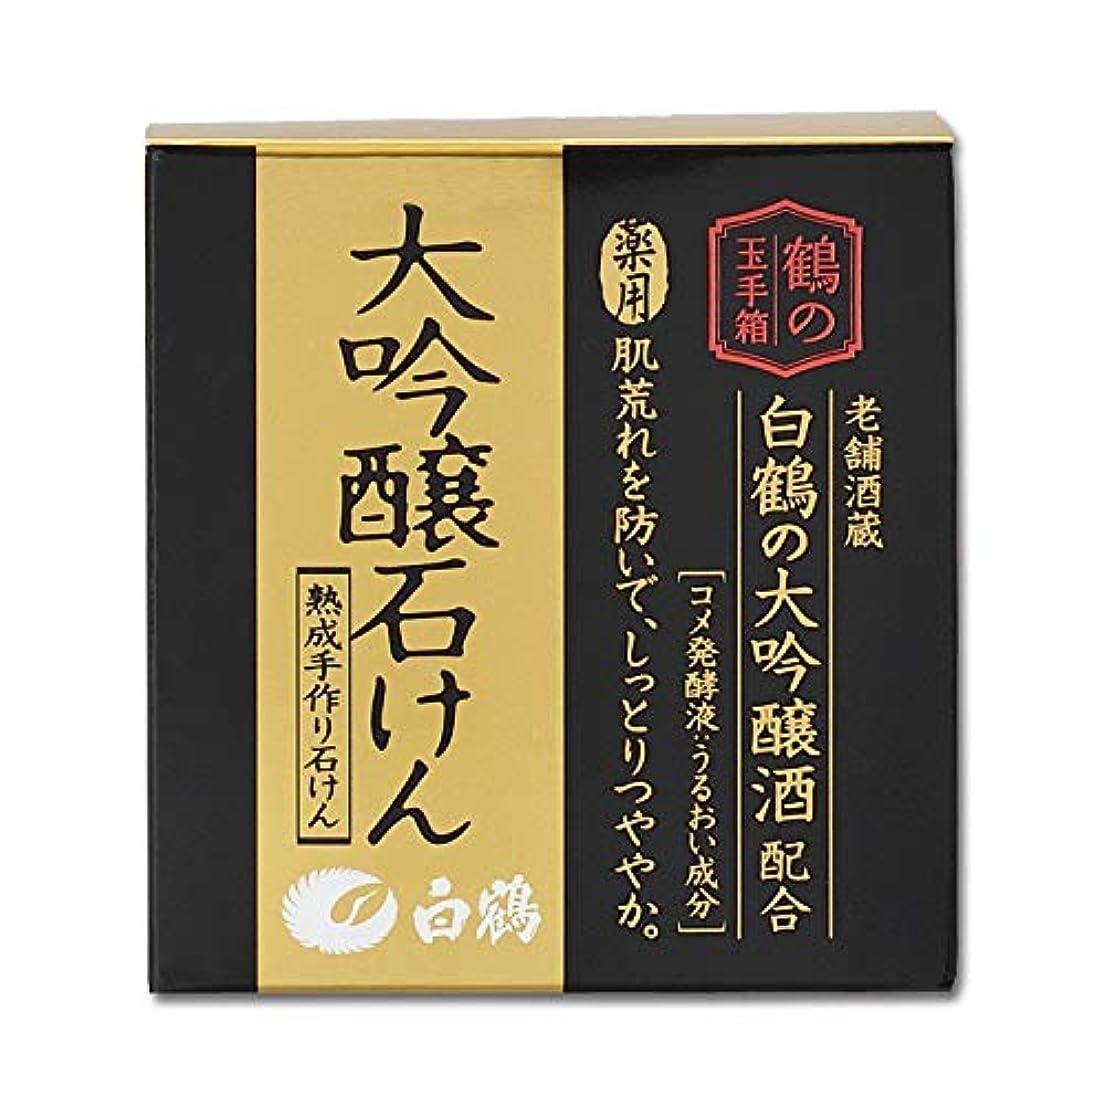 乳フルート費用白鶴 鶴の玉手箱 薬用 大吟醸石けん 100g (医薬部外品)